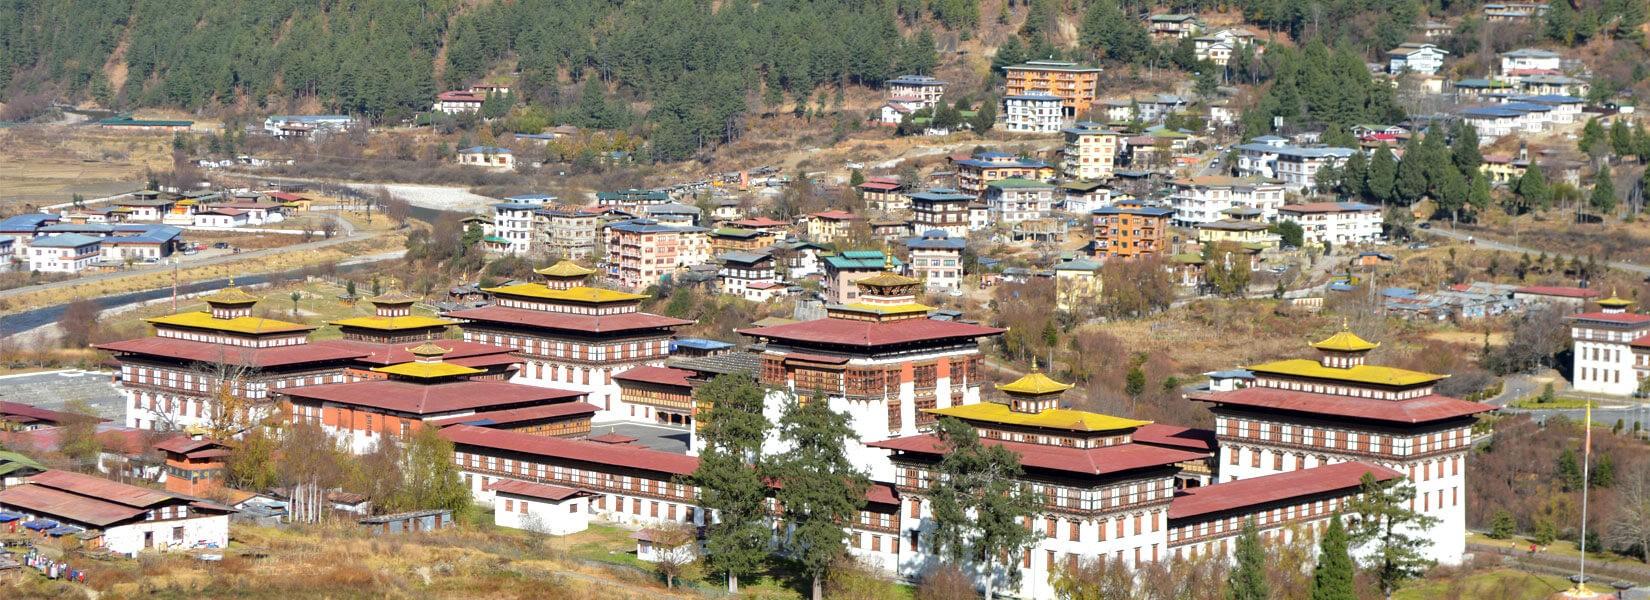 3N/4D Bhutan Tour